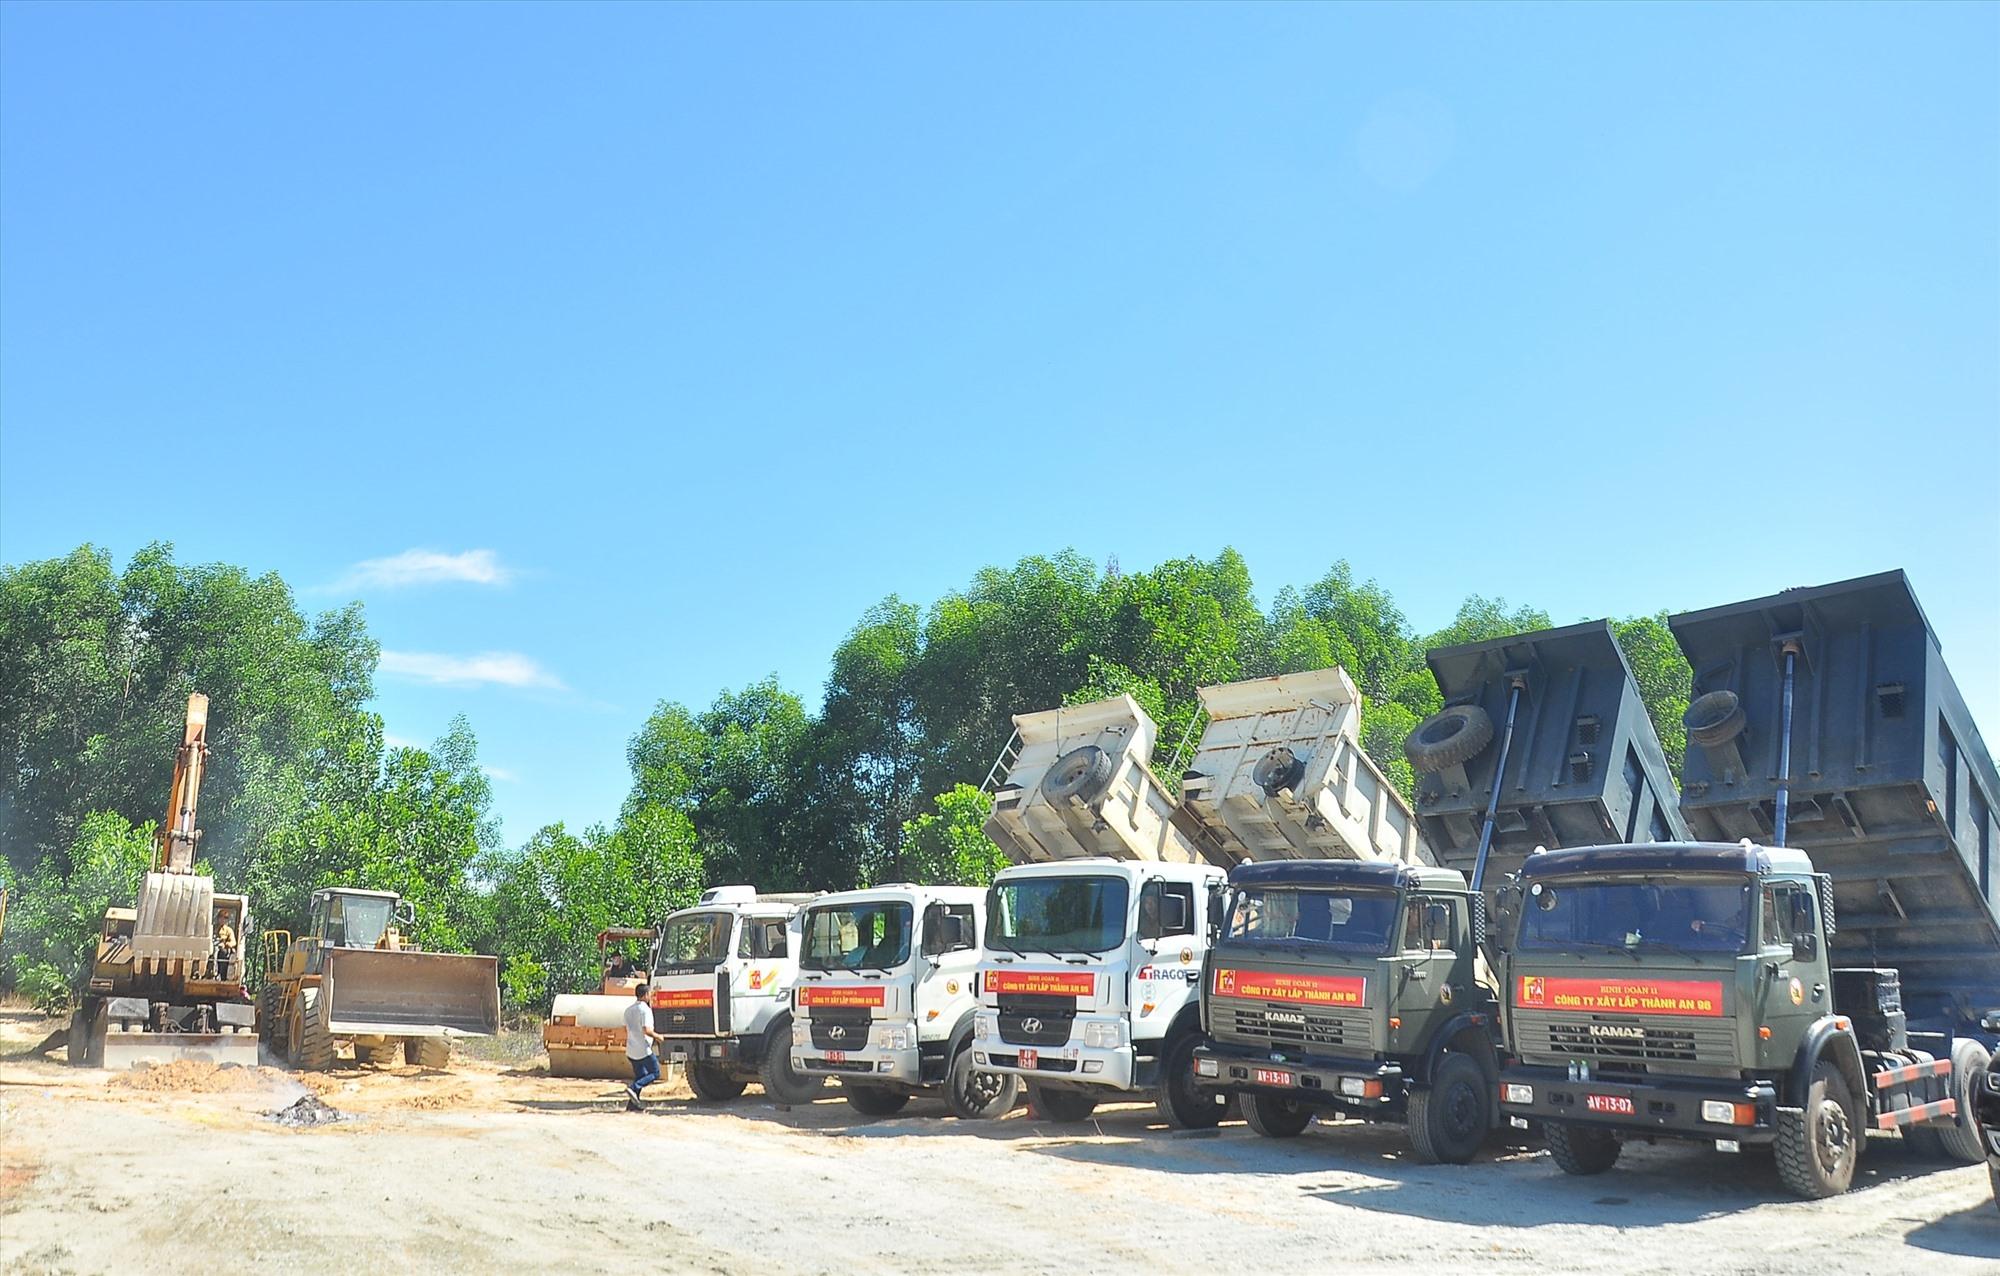 Các phương tiện của nhà thầu - Công ty Xây lắp Thành An 96 tiến hành động thổ xây dựng dự án. Ảnh: VINH ANH